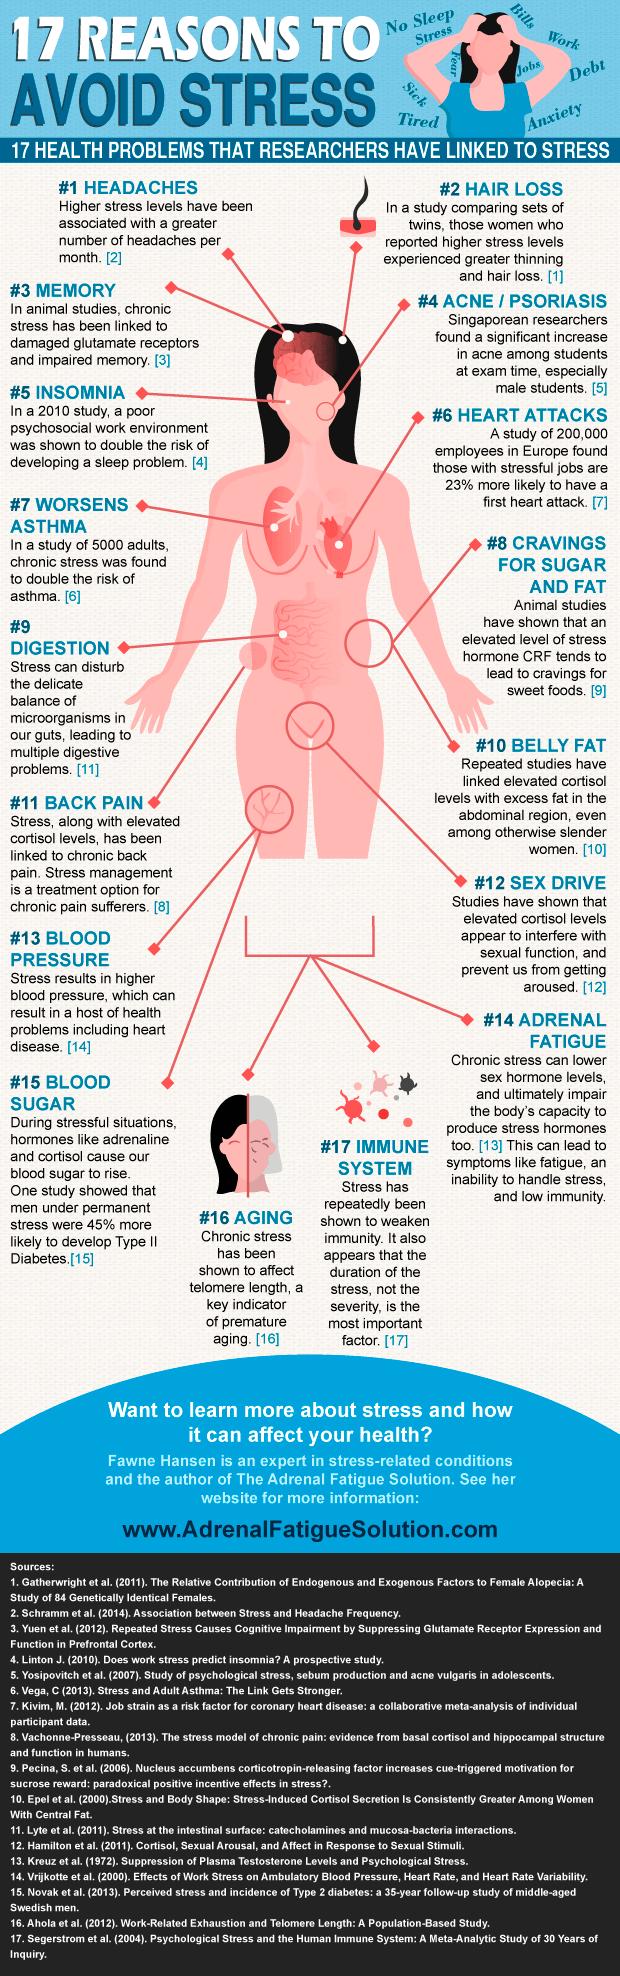 17 Reasons to Avoid Stress #stress #mentalhealth